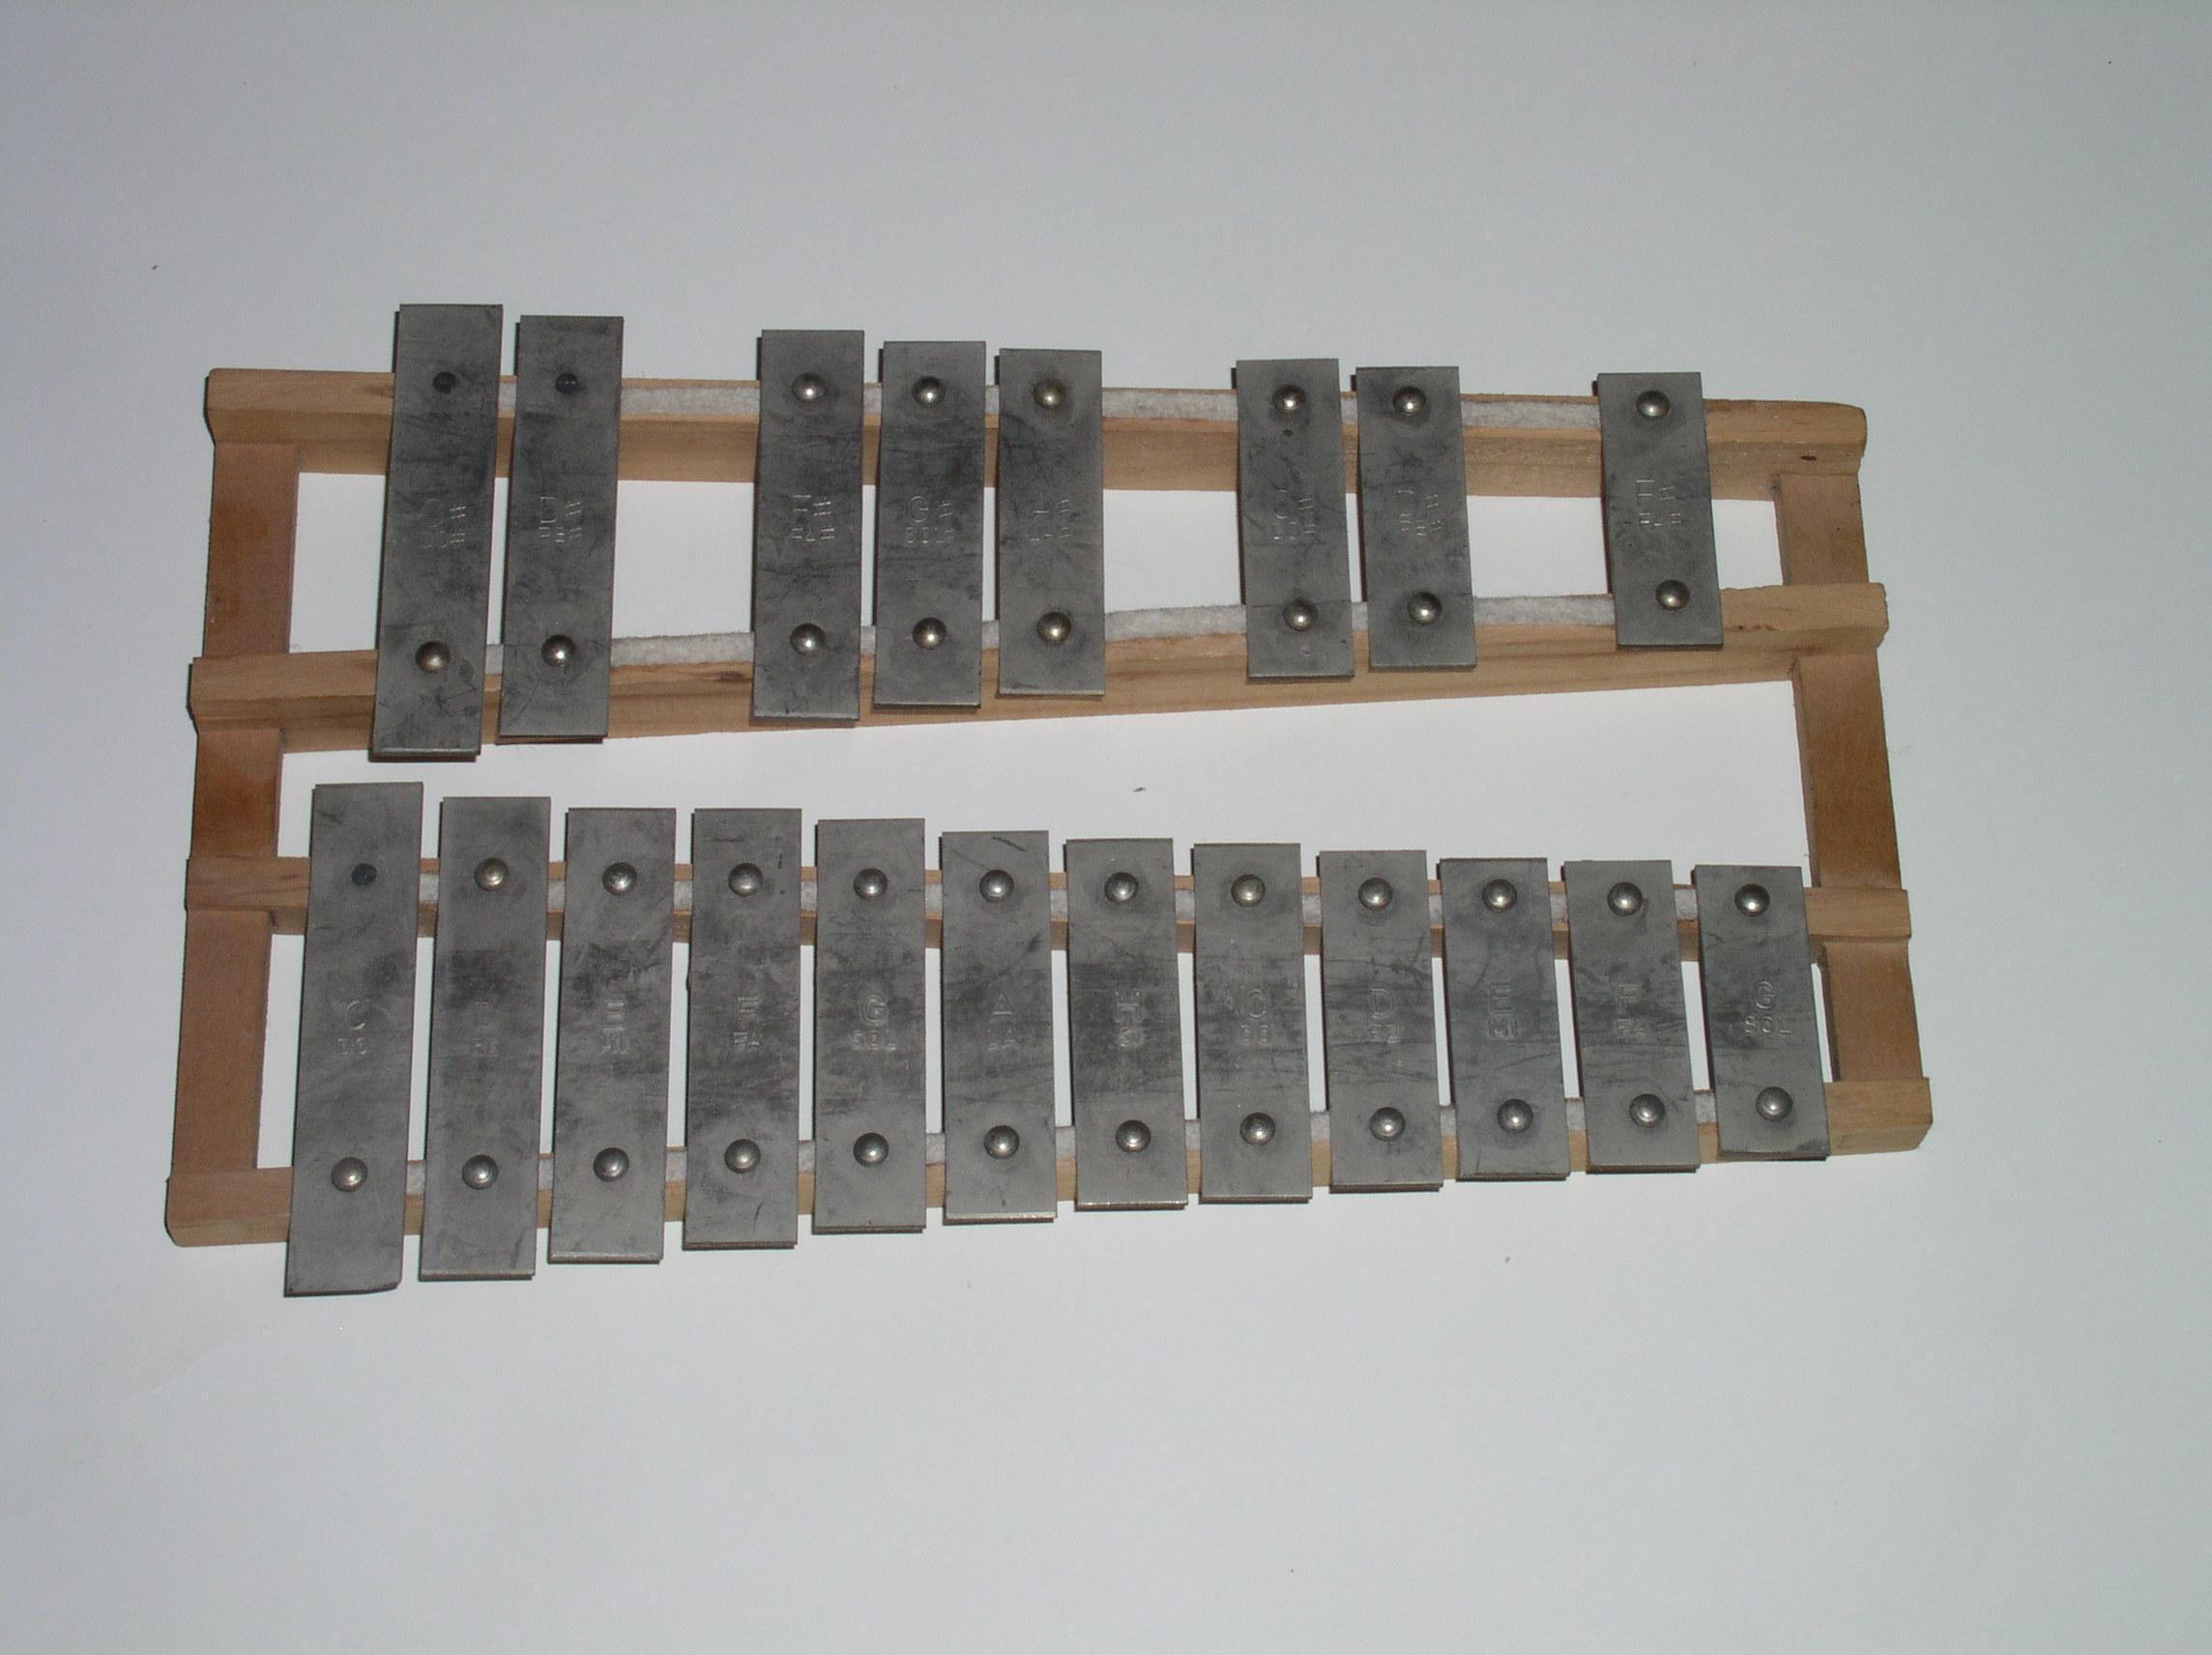 File:Glockenspiel.jpg - Wikimedia Commons